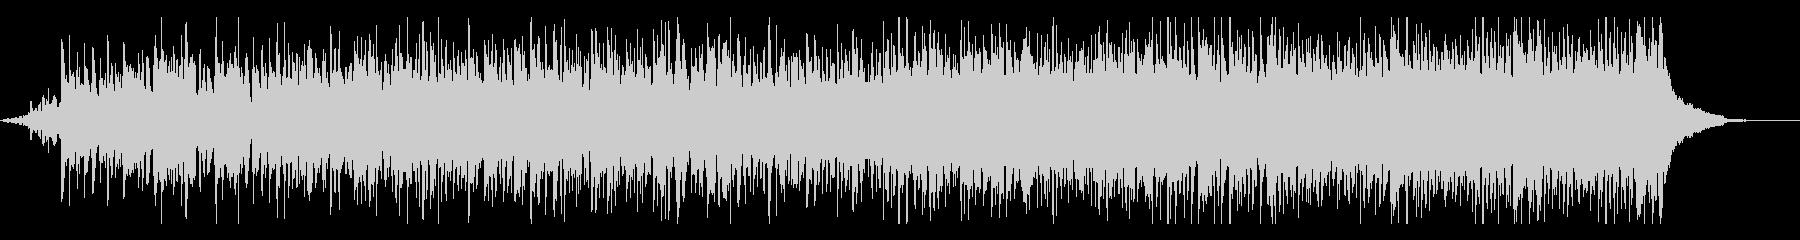 伝統的で陽気なフォークミュージックの未再生の波形